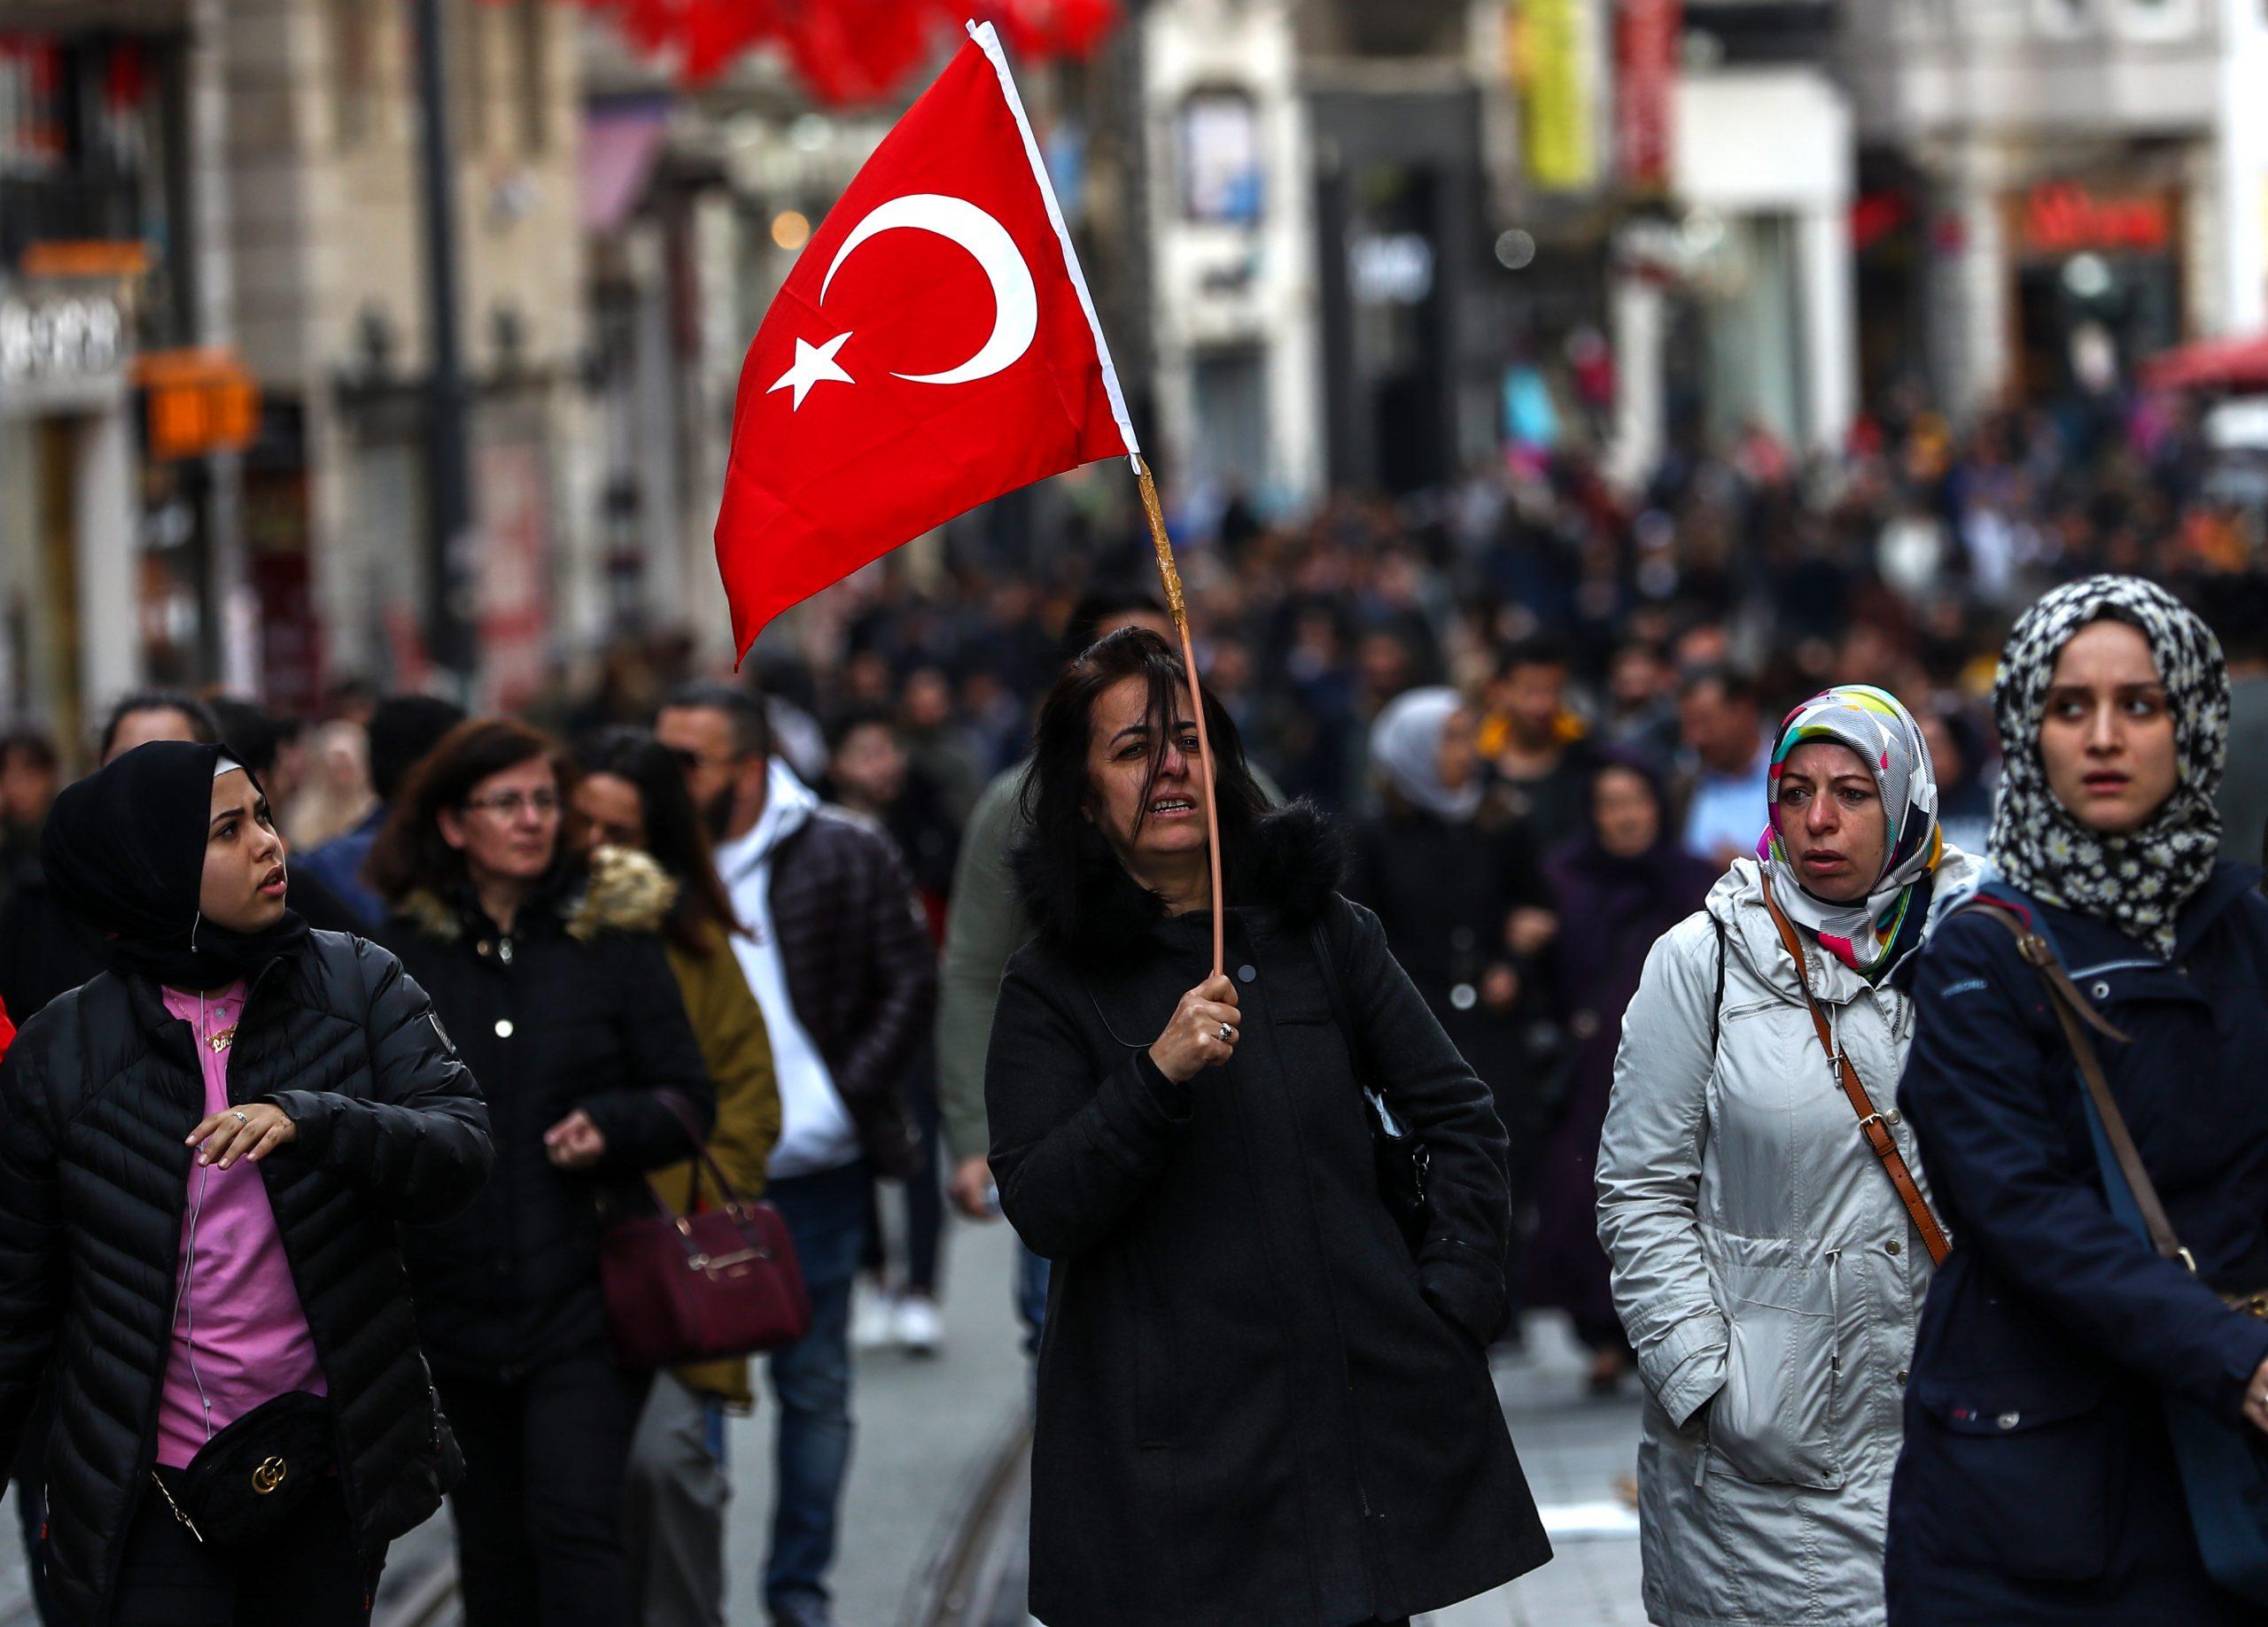 Το καθεστώς του Ερντογάν ΔΕΝ αποφυλακίζει τους πολιτικούς κρατούμενους… νεκροί σε φυλακή